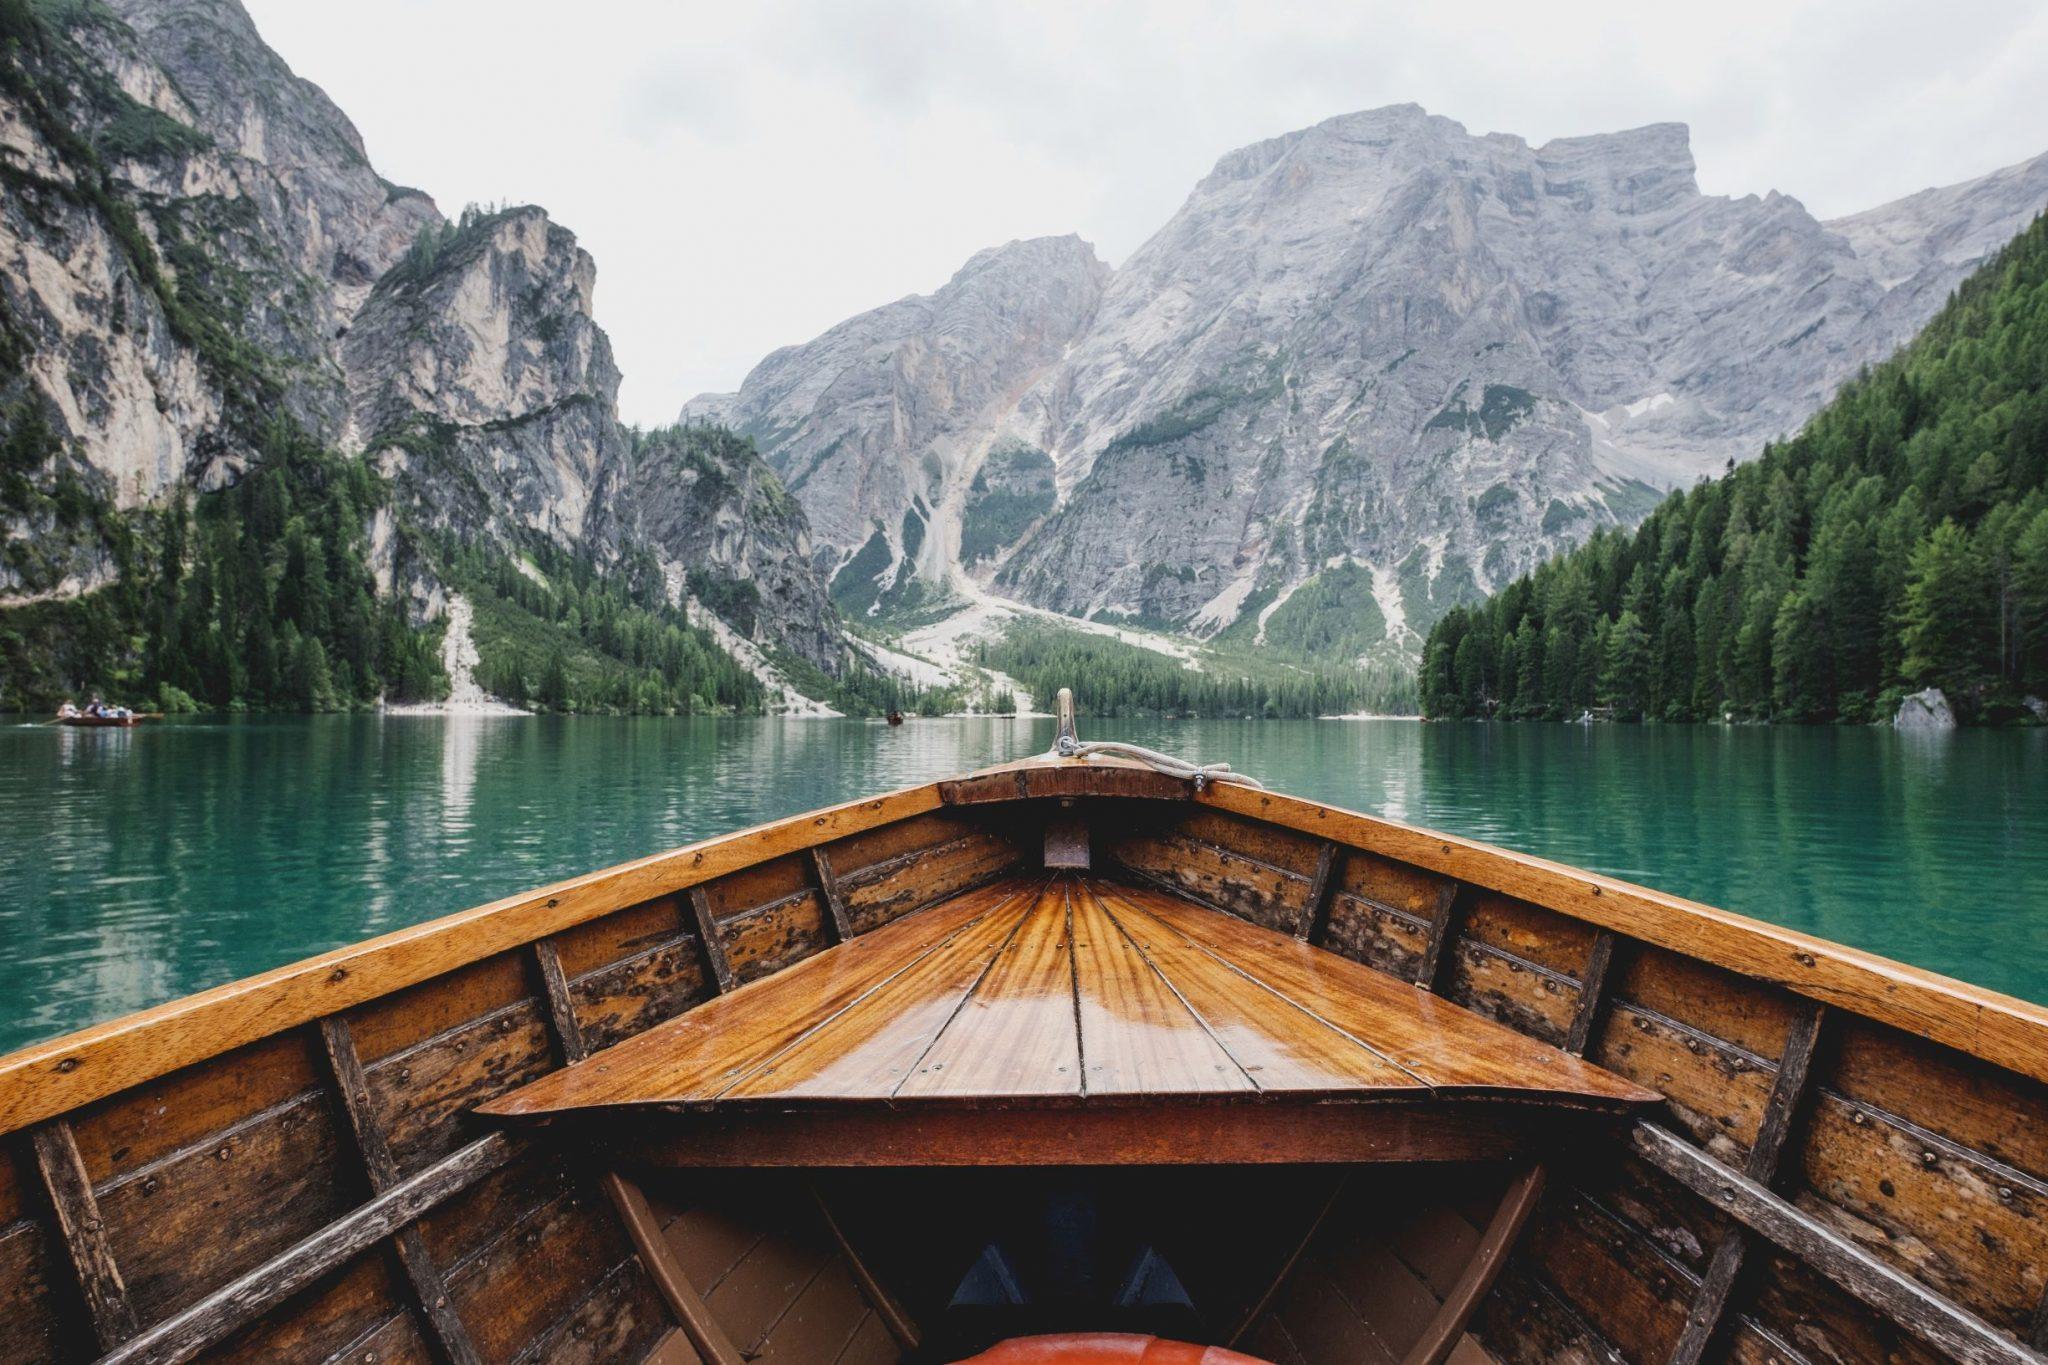 15 λόγοι για ν' αρχίσεις να ταξιδεύεις συχνότερα